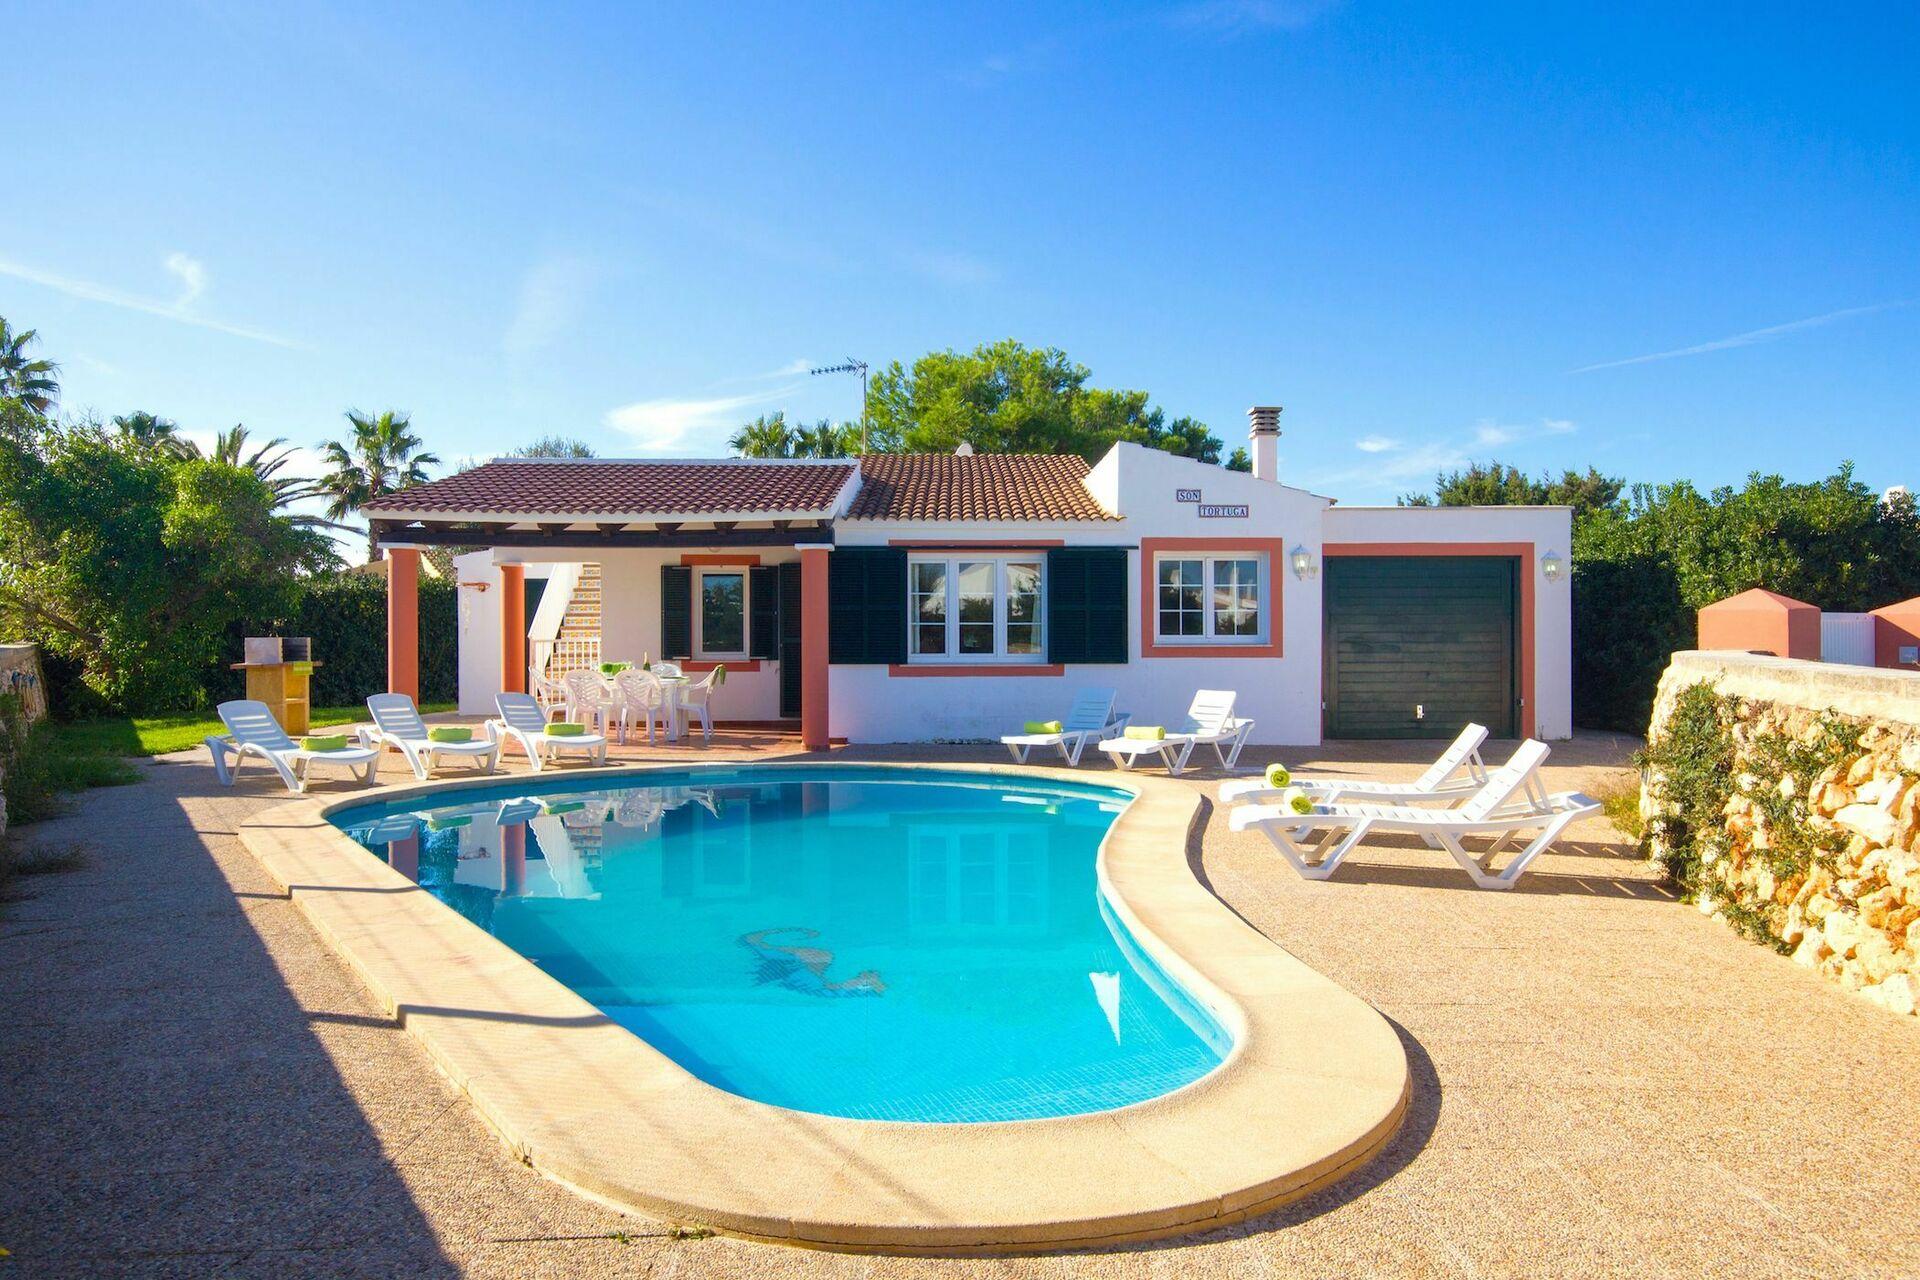 Villa tortuga villa en cala en bosch islas baleares for Villas tortuga celestino sinaloa